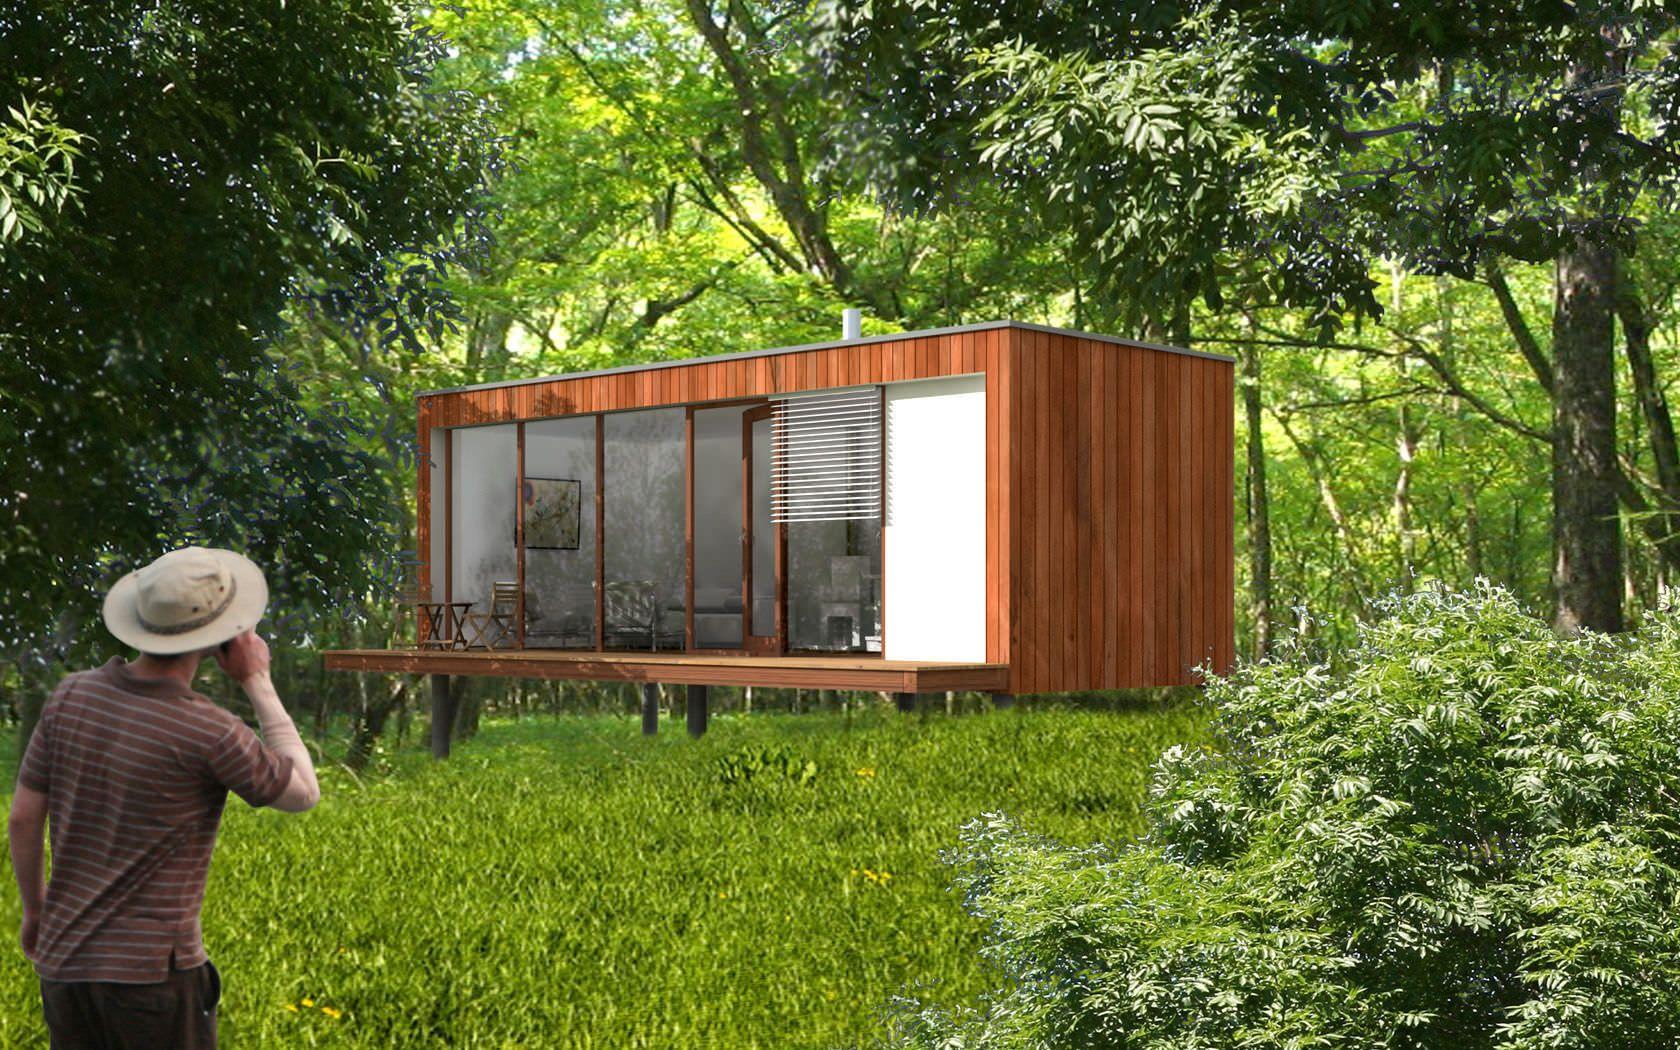 Micro maison pr fabriqu e modulaire contemporaine cologique ek 009 ekokoncept wooden for Maison modulaire contemporaine